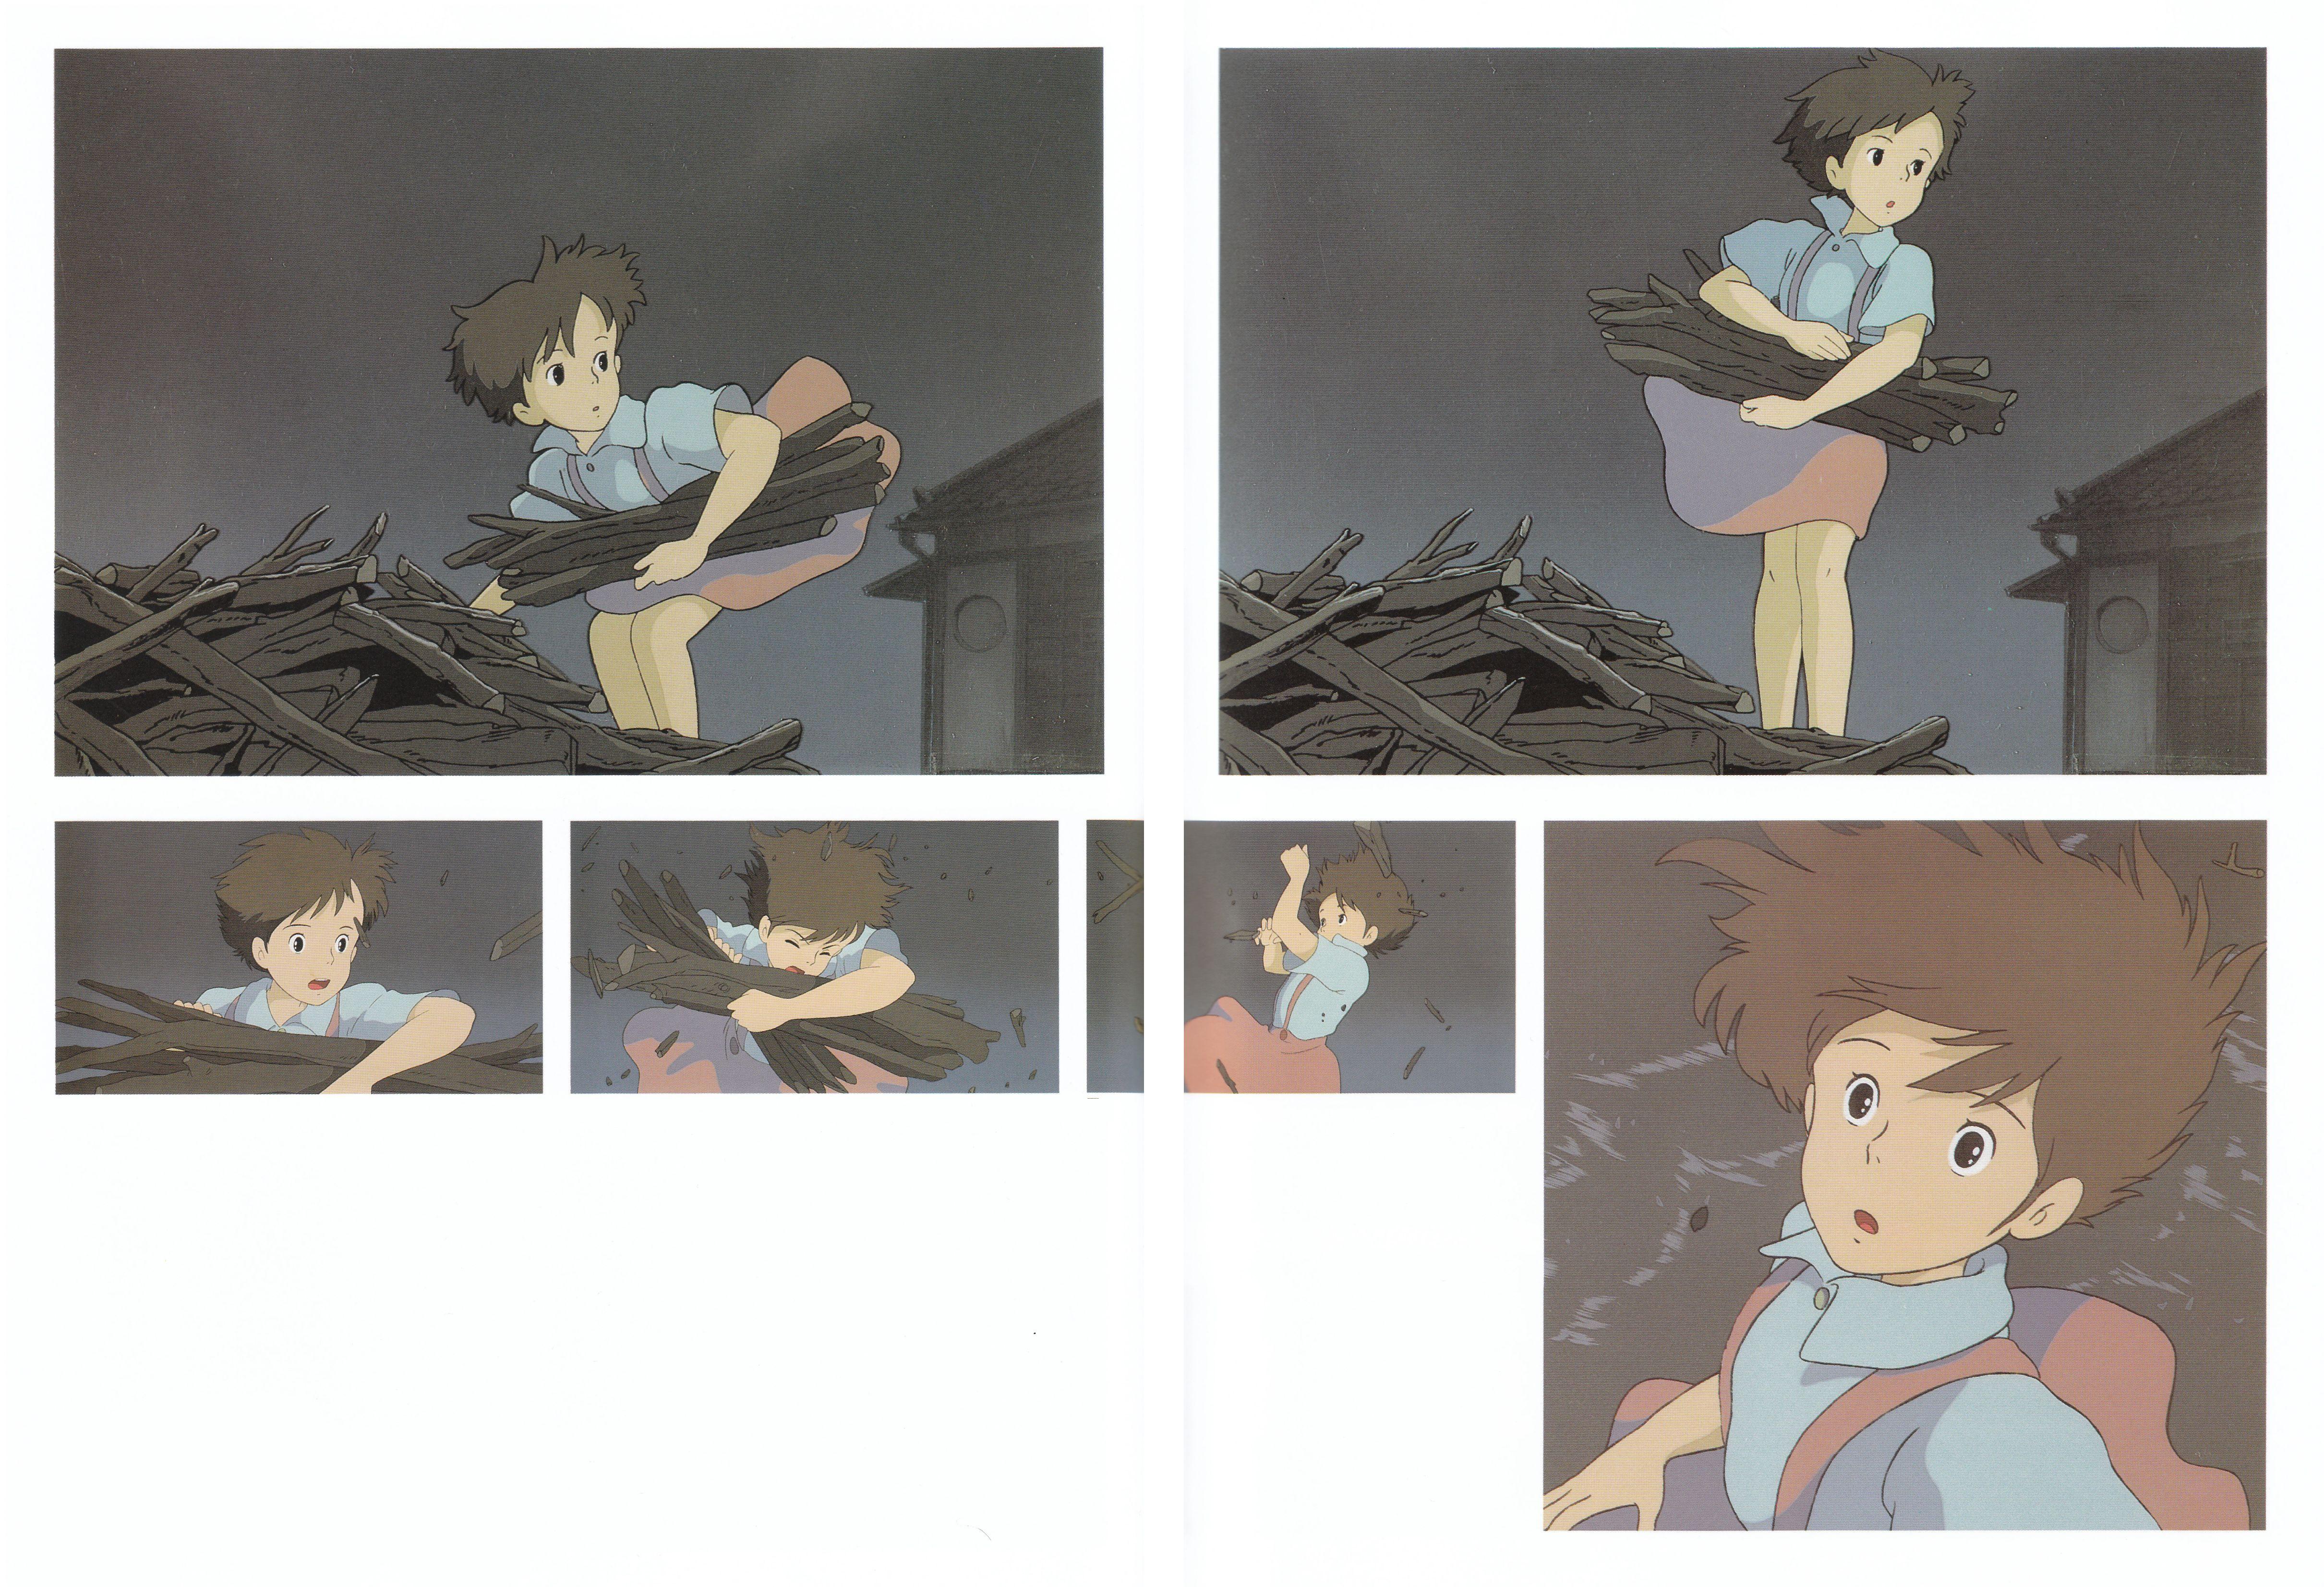 My Neighbor Totoro | Hayao Miyazaki | Studio Ghibli / Kusakabe Satsuki